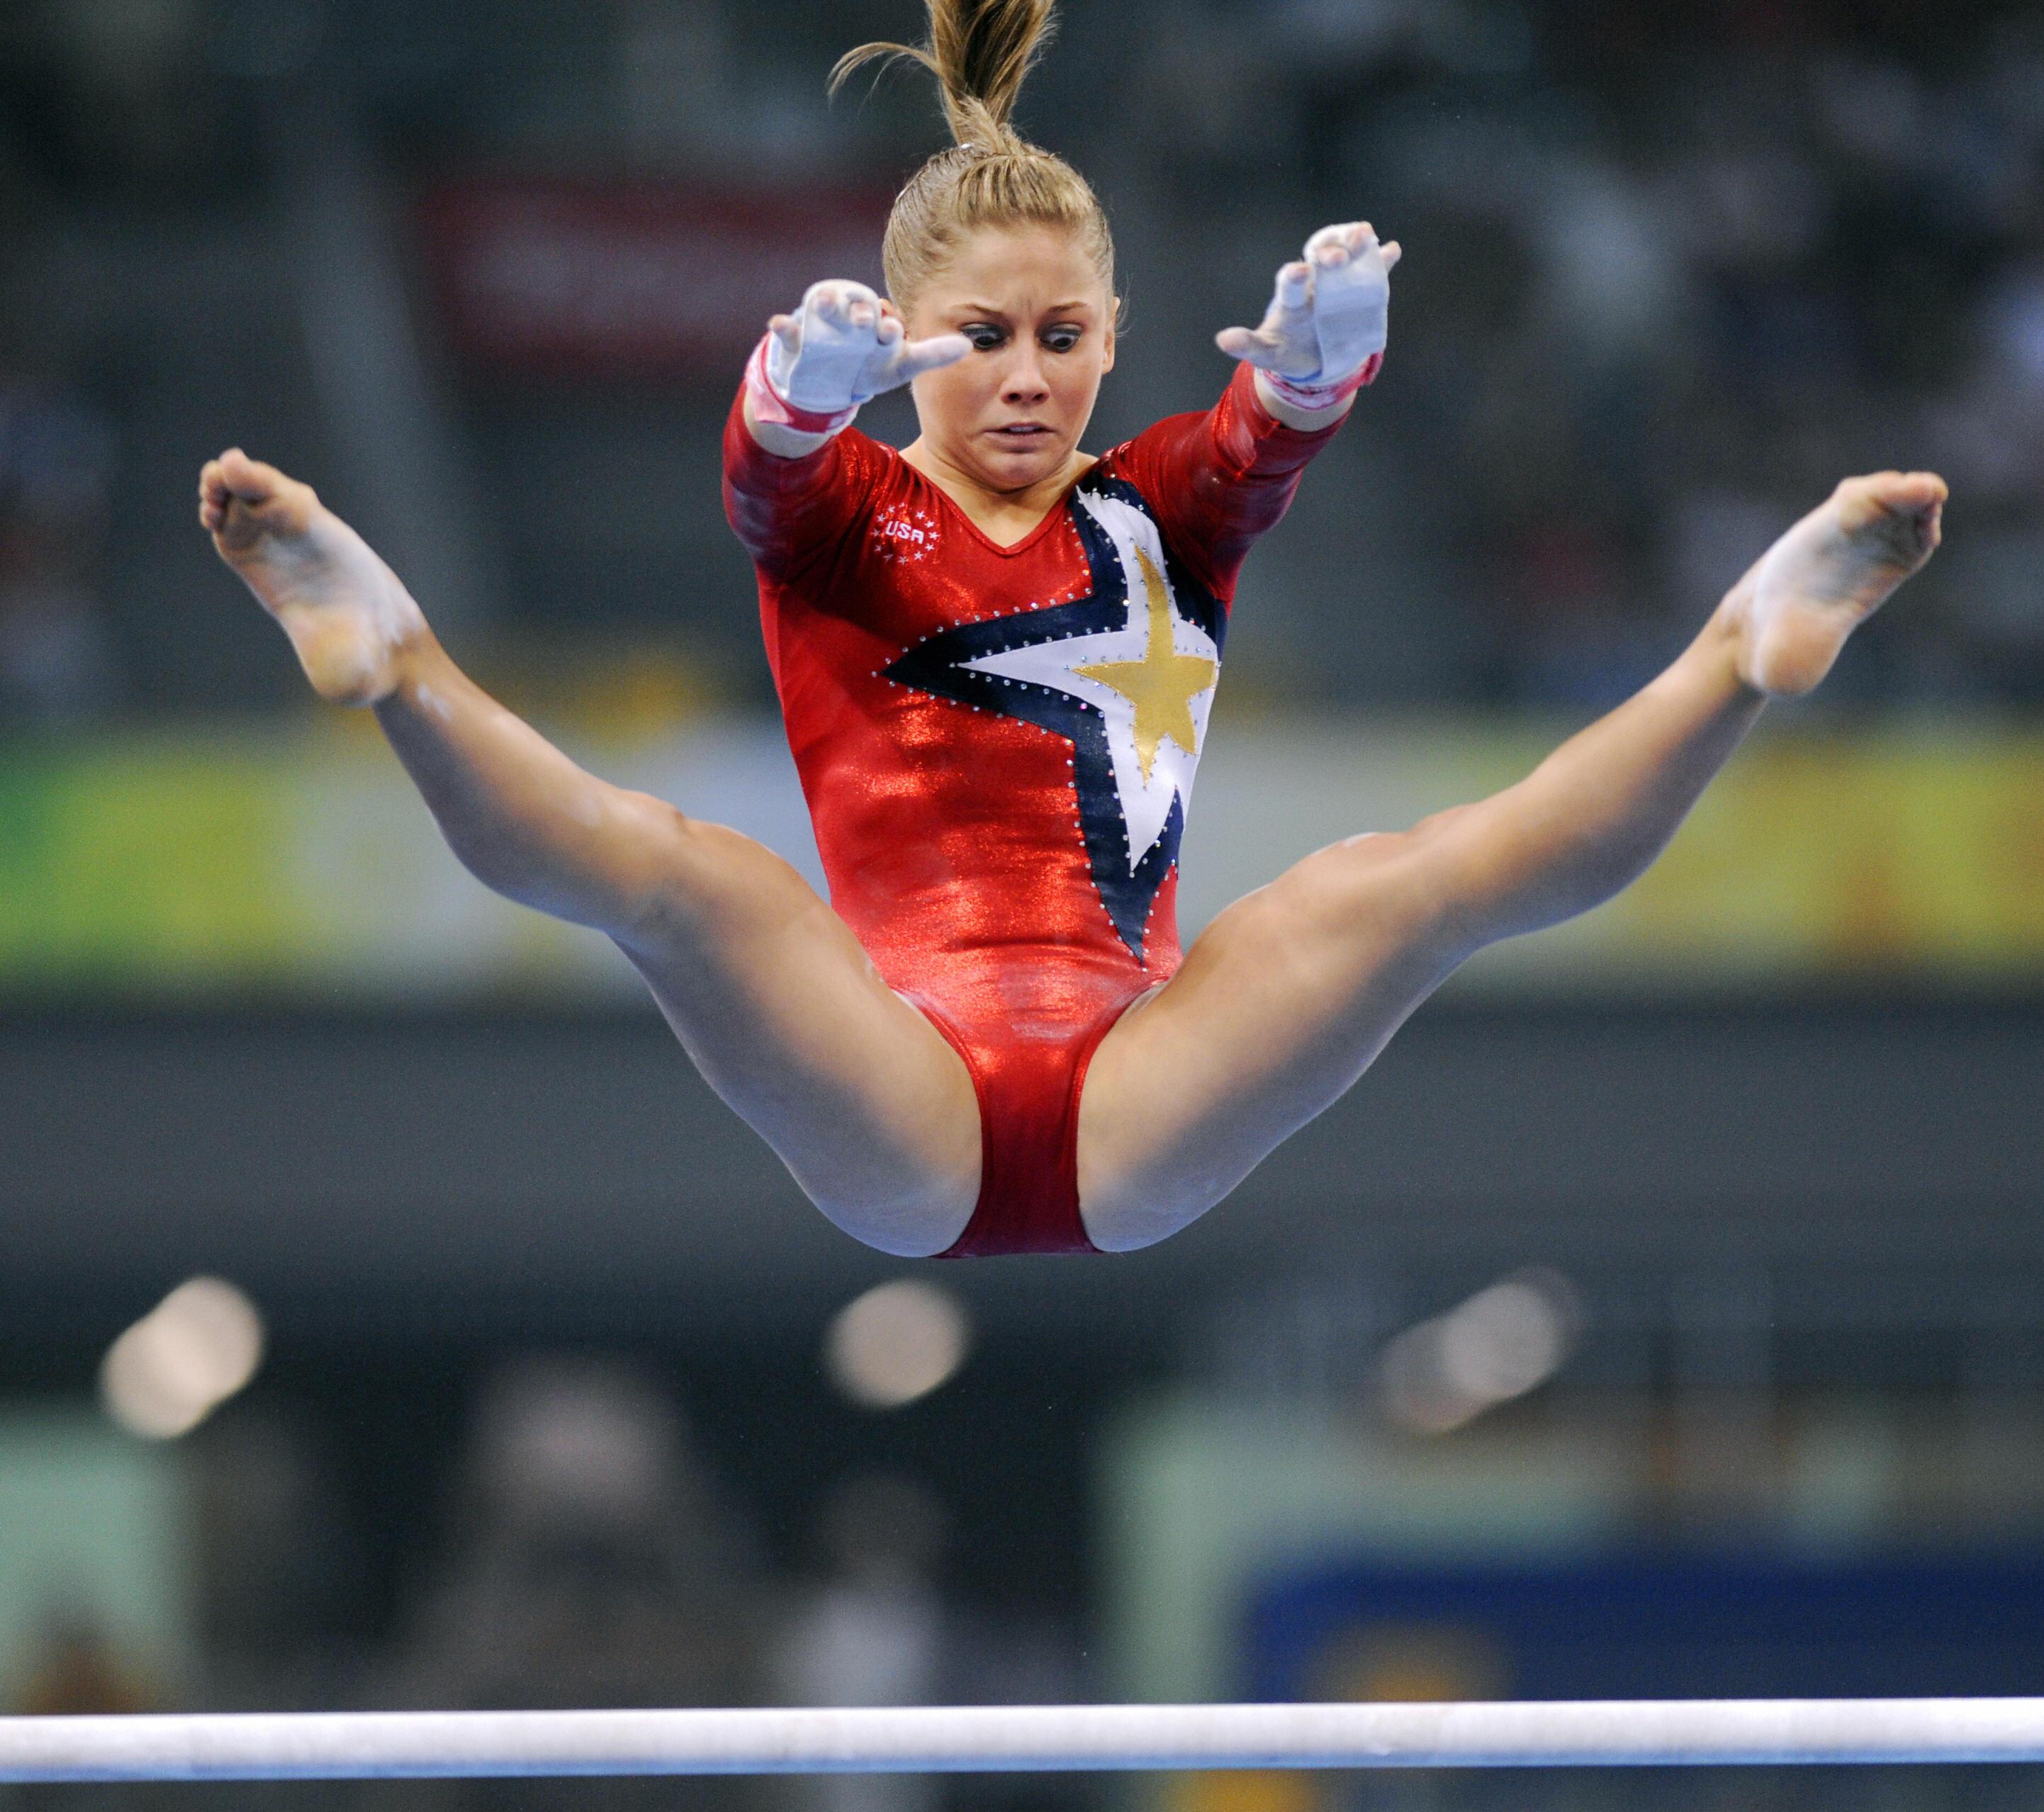 Johnson shawn ass olympic gymnast